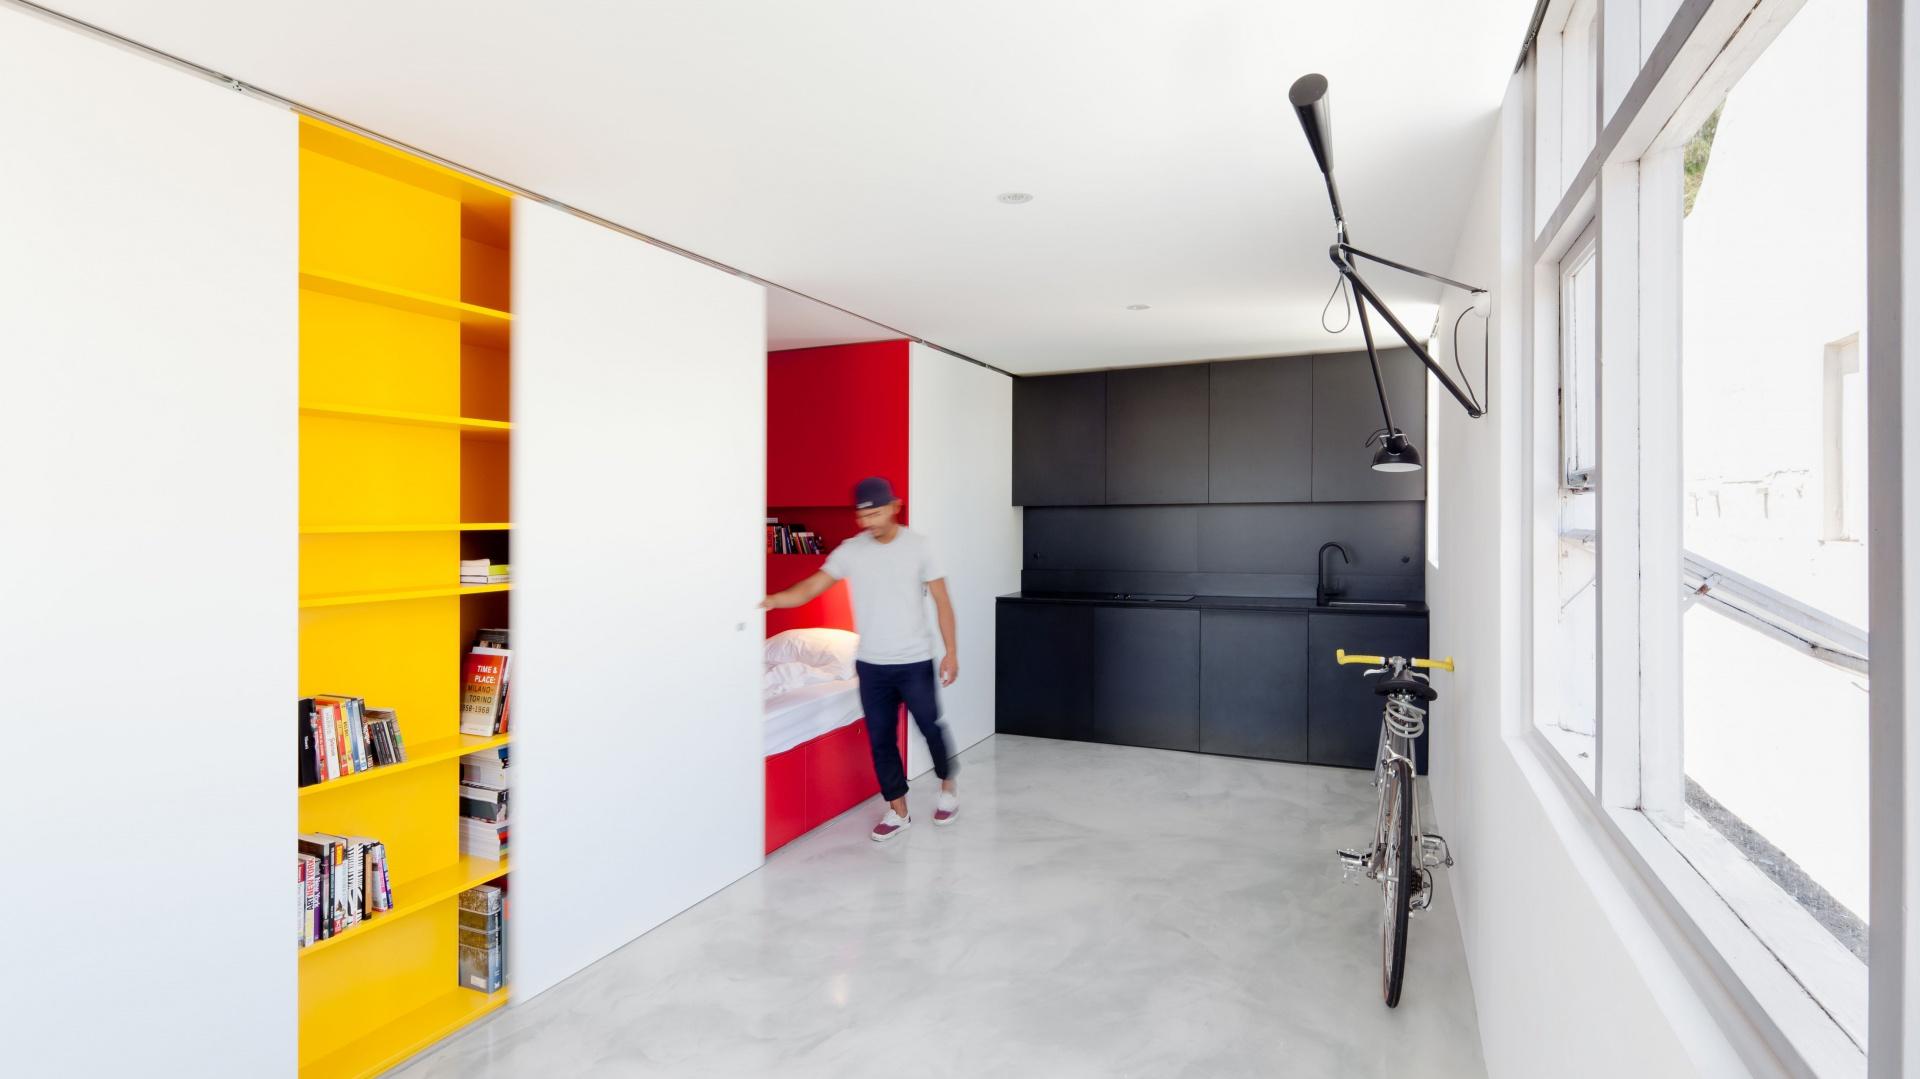 Za przesuwnymi białymi drzwiami ukryto, wykończoną na czerwono, sypialnię. Po zamknięciu drzwi chowa się ona w ścianę, a przy otwartych drzwiach nadaje wnętrzu koloru i przytulniejszego charakteru. Fot. Nicholas Gurney.